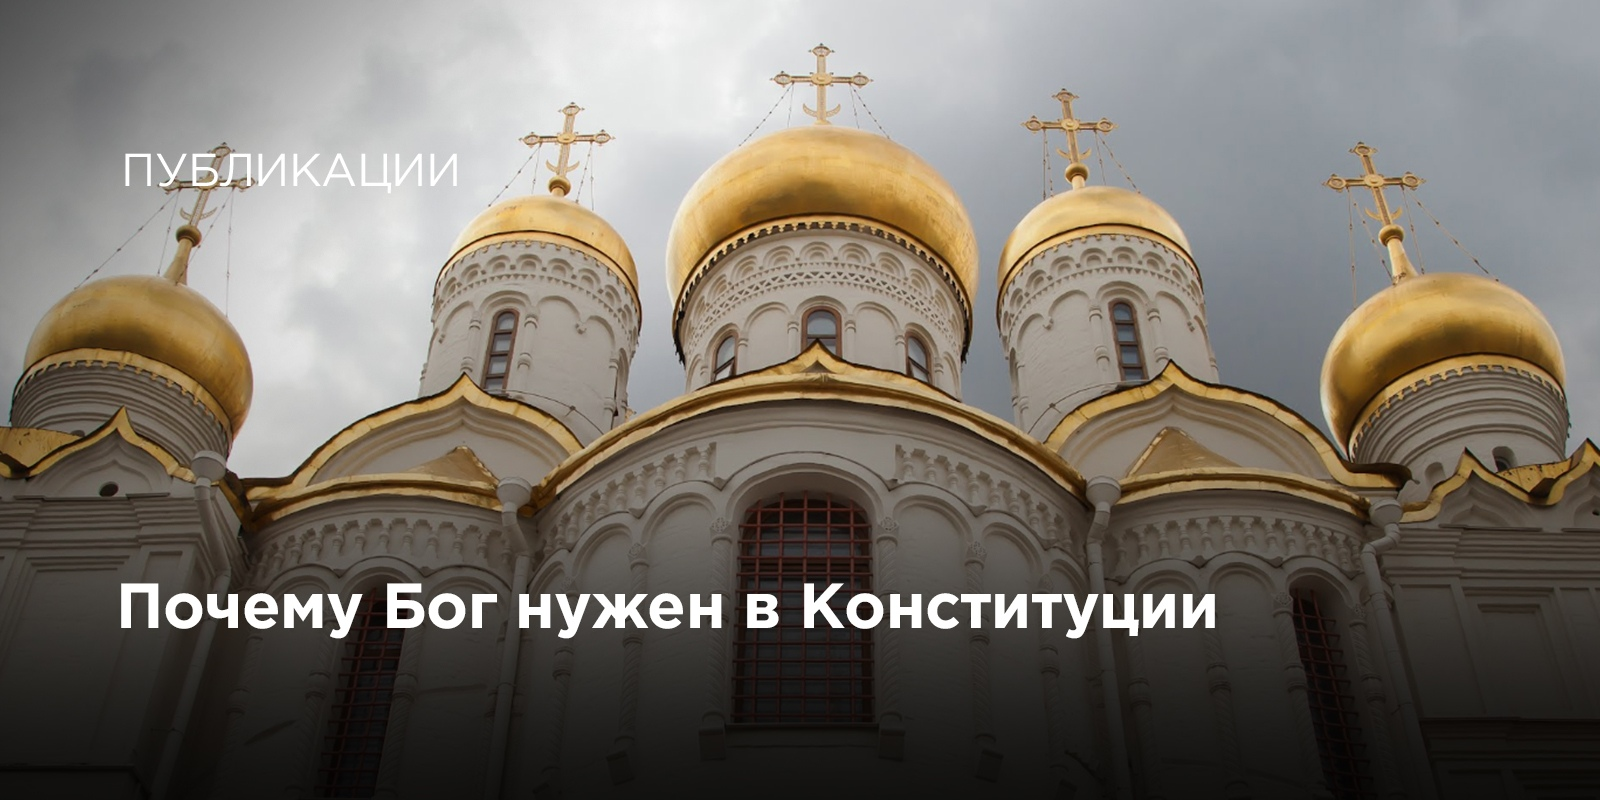 Глава православной татарской общины о поправках в преамбулу Конституции